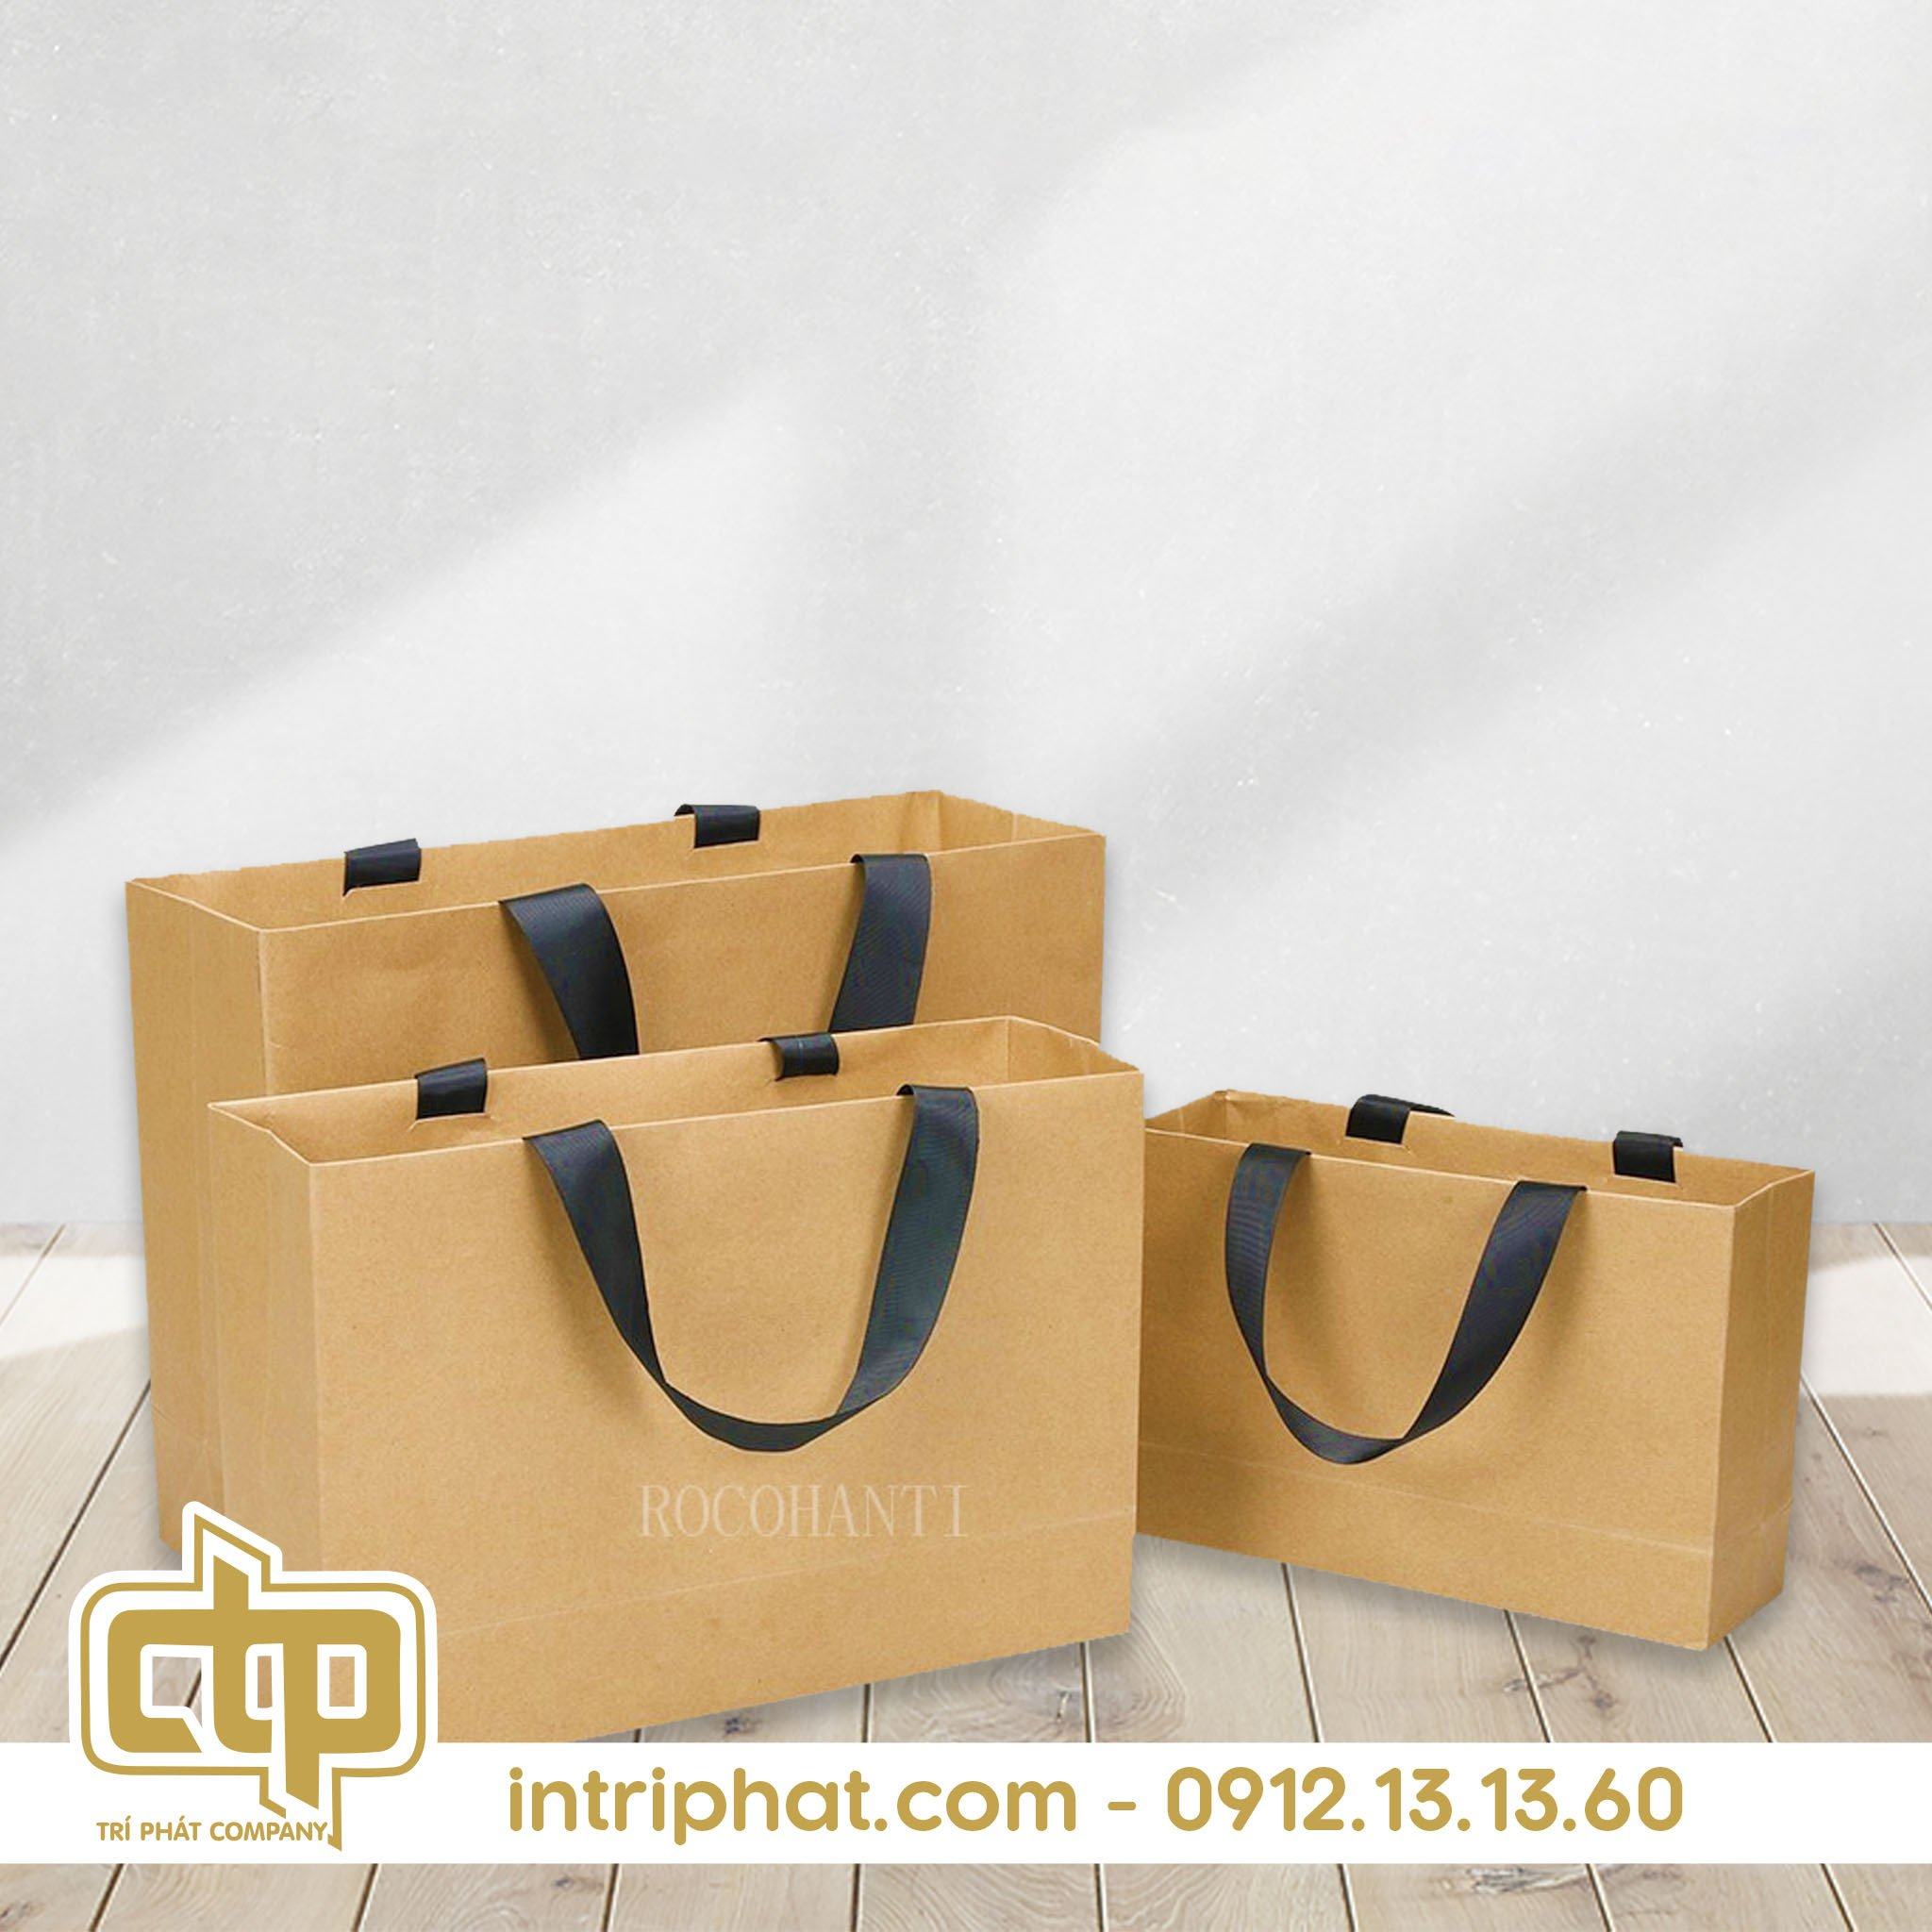 sản xuất túi giấy theo yêu cầu tphcm